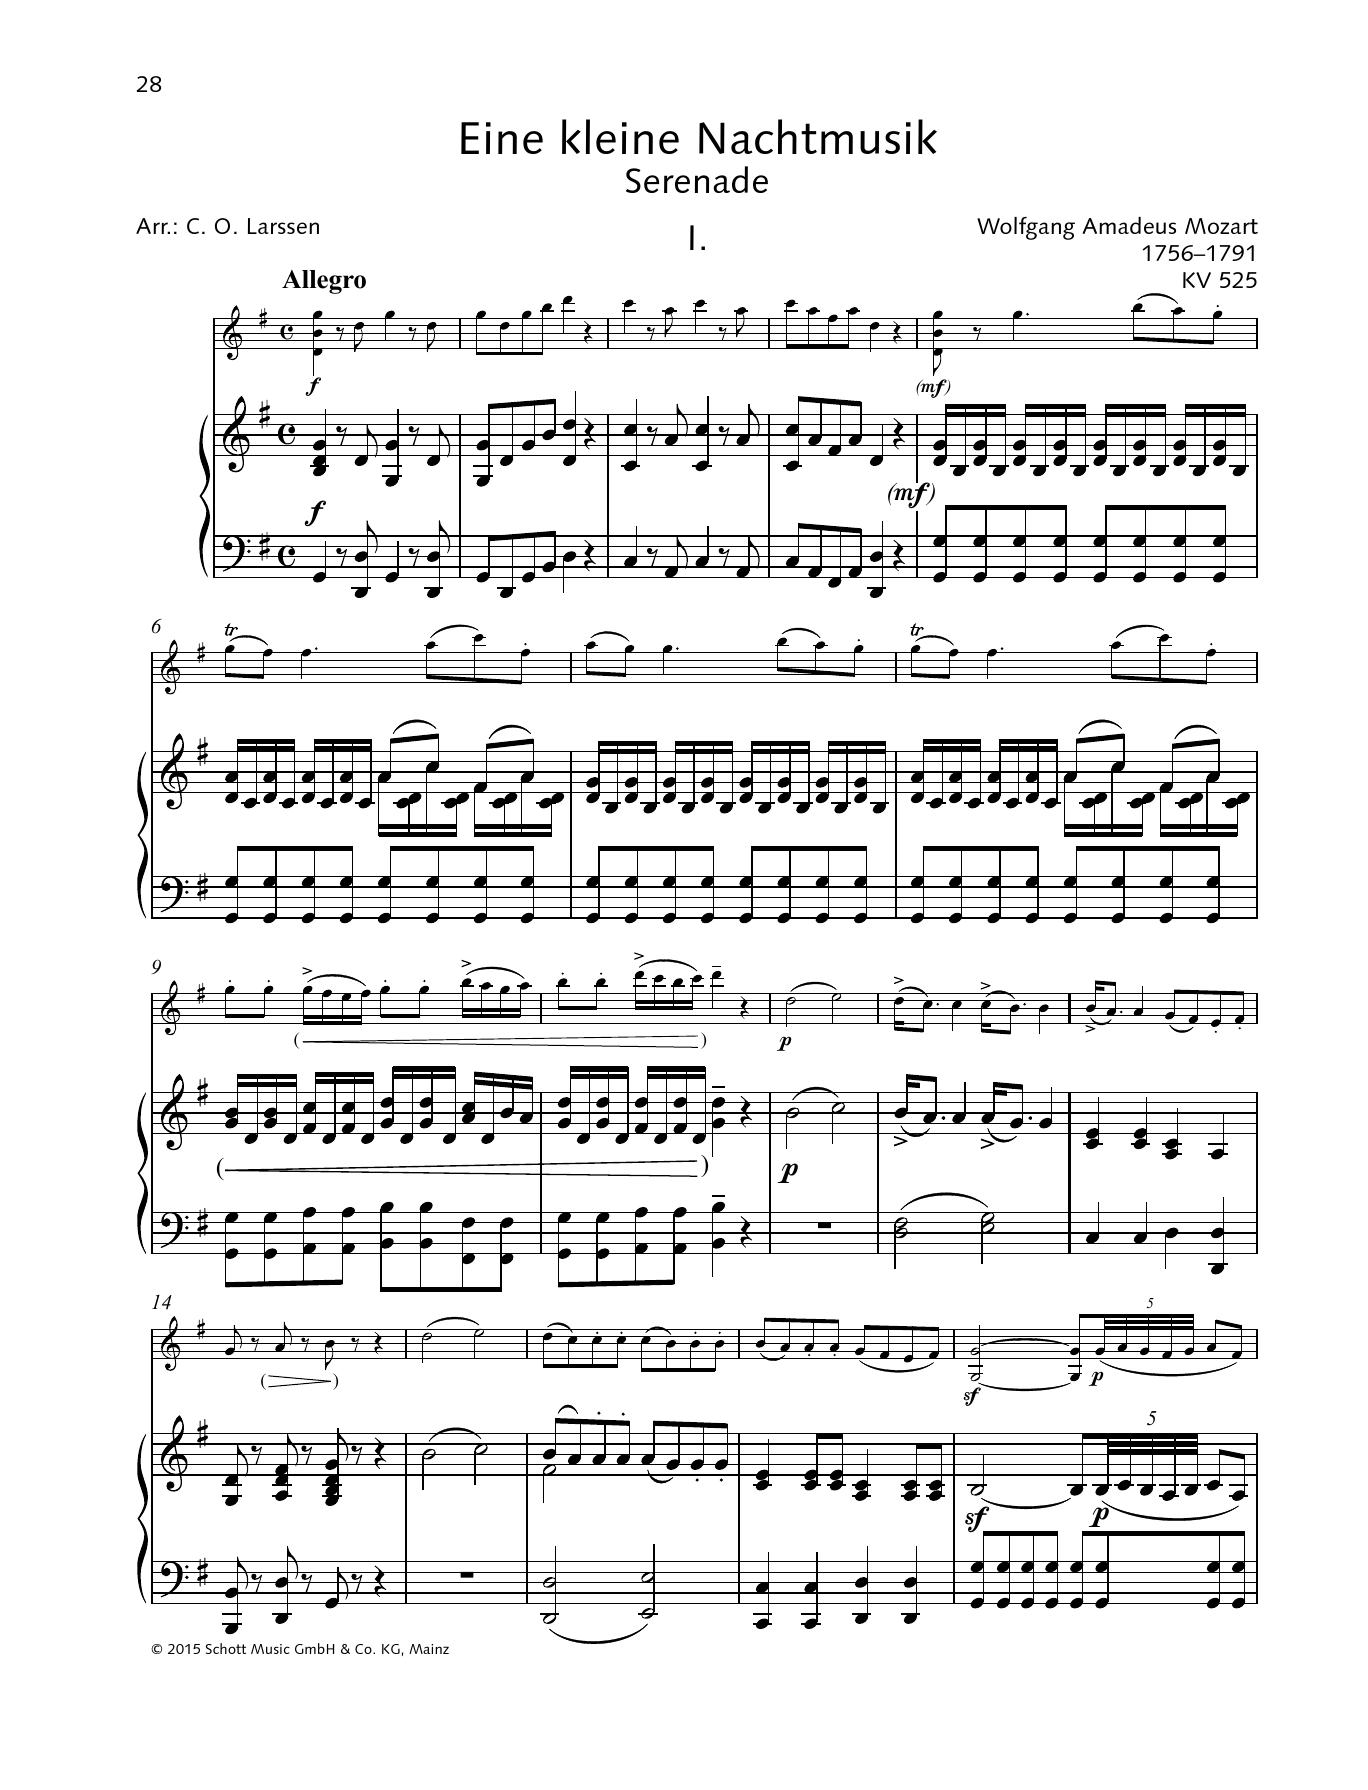 Eine kleine Nachtmusik Partituras Digitales